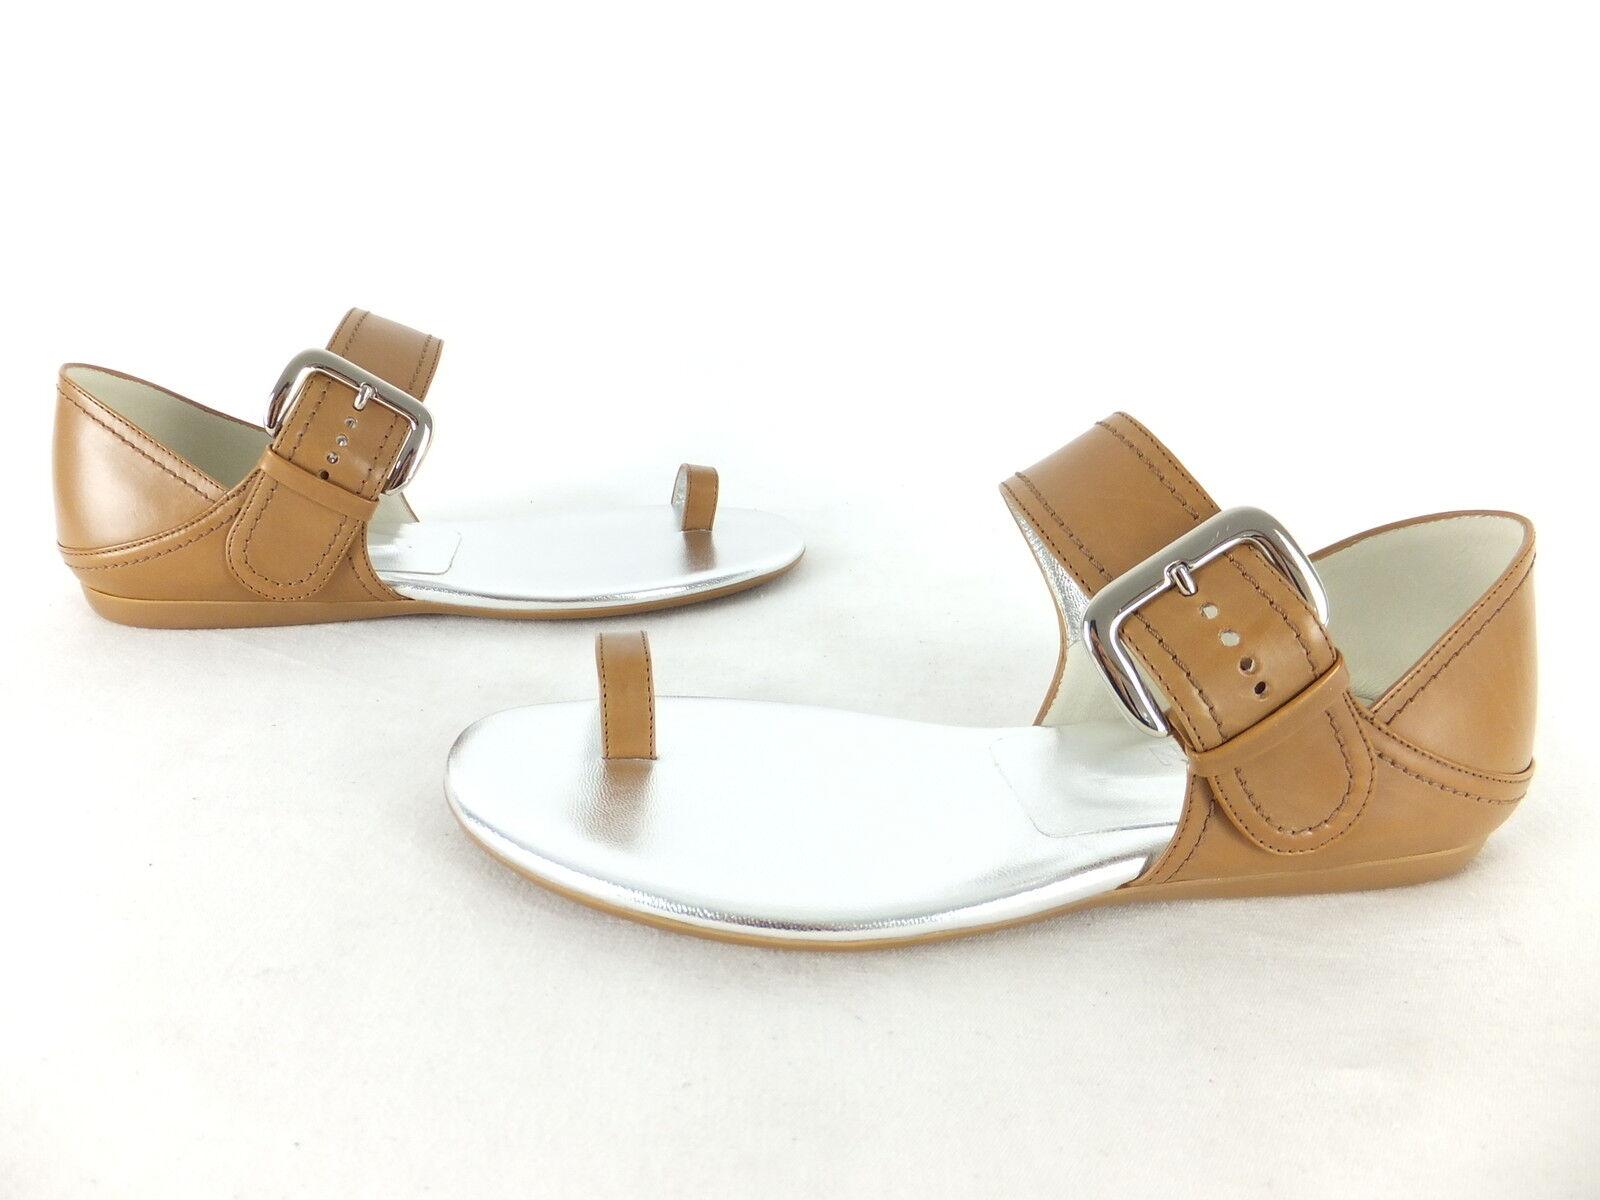 HOGBN Sandale - 36,5 - braun - neu mit Karton - mit Schnalle - Zehen Sandalette